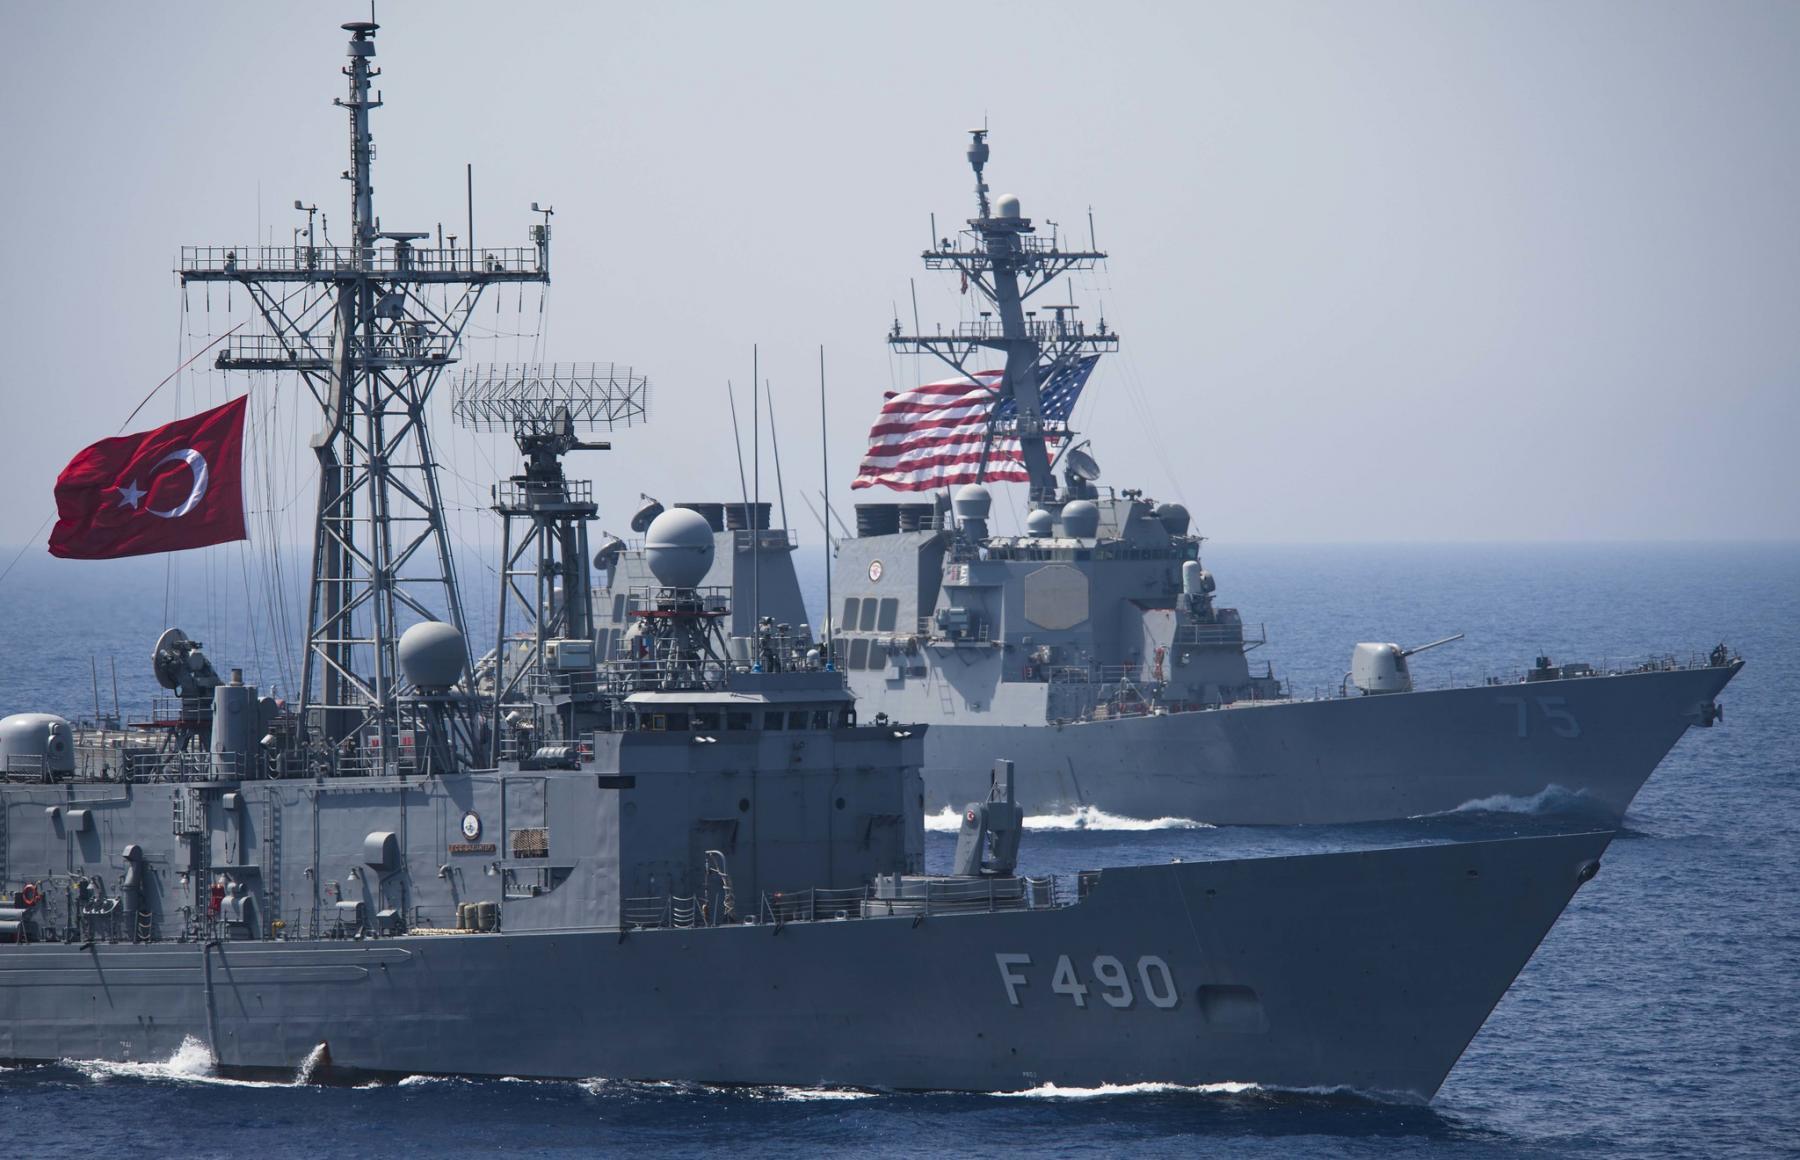 Gabya sınıfı TCG Gaziantep fırkateyni ve Arleigh Burke sınıfı USS Donald Cook muhribi - Doğu Akdeniz